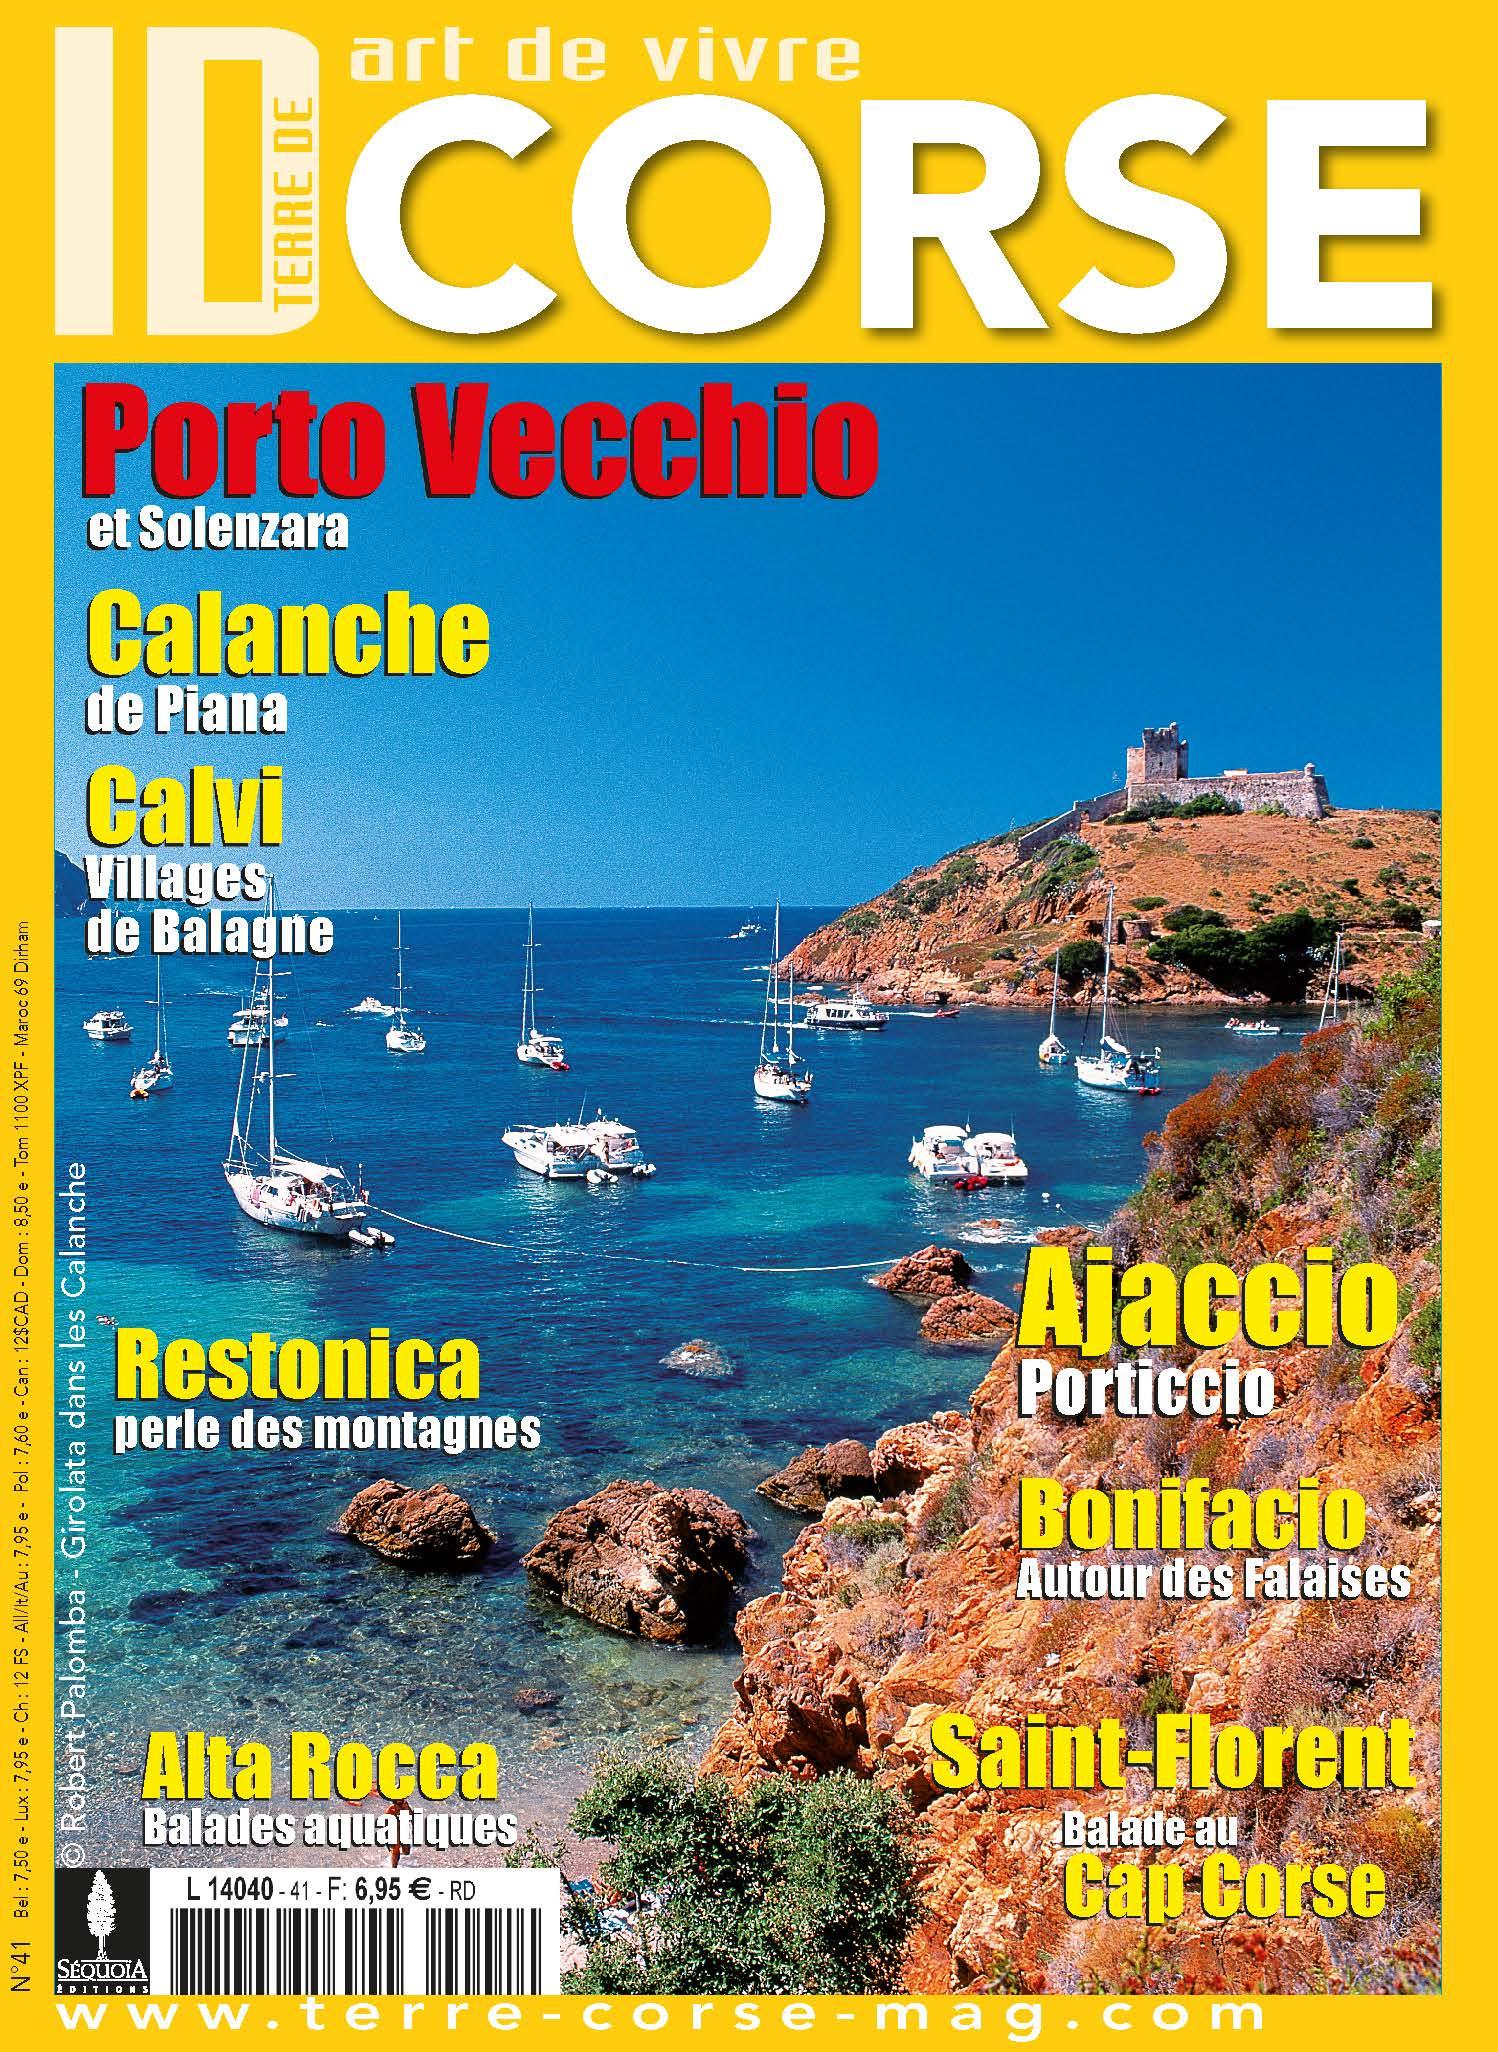 Couv Terre de Corse (1).jpg